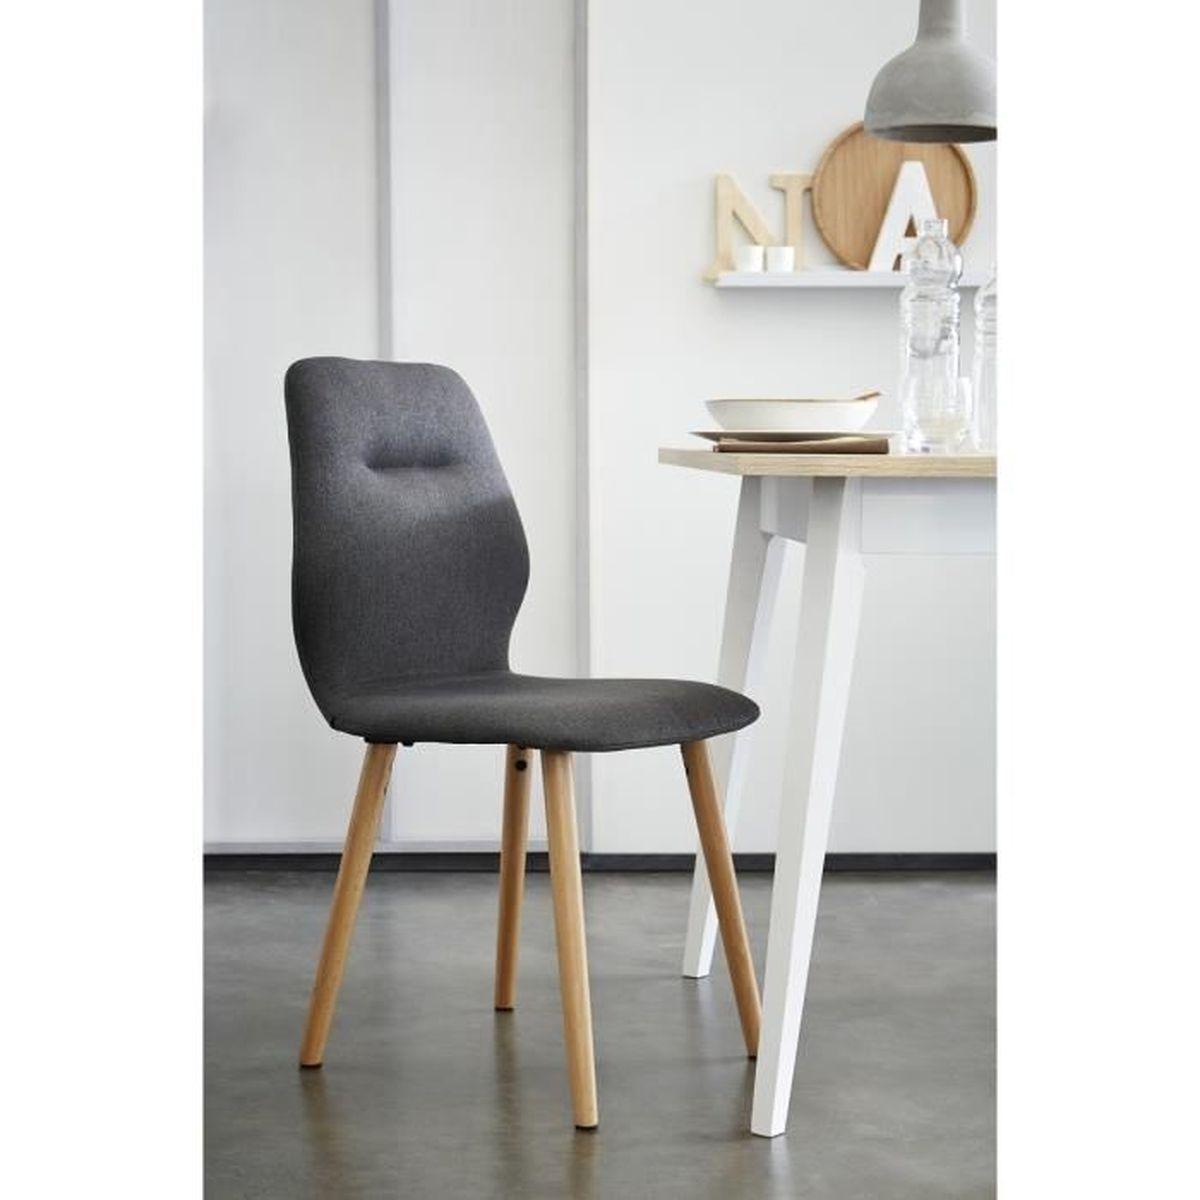 hexa lot de 2 chaises de salle a manger 45x55x88 c 30 Luxe Chaises De Salle à Manger Cdiscount Zzt4